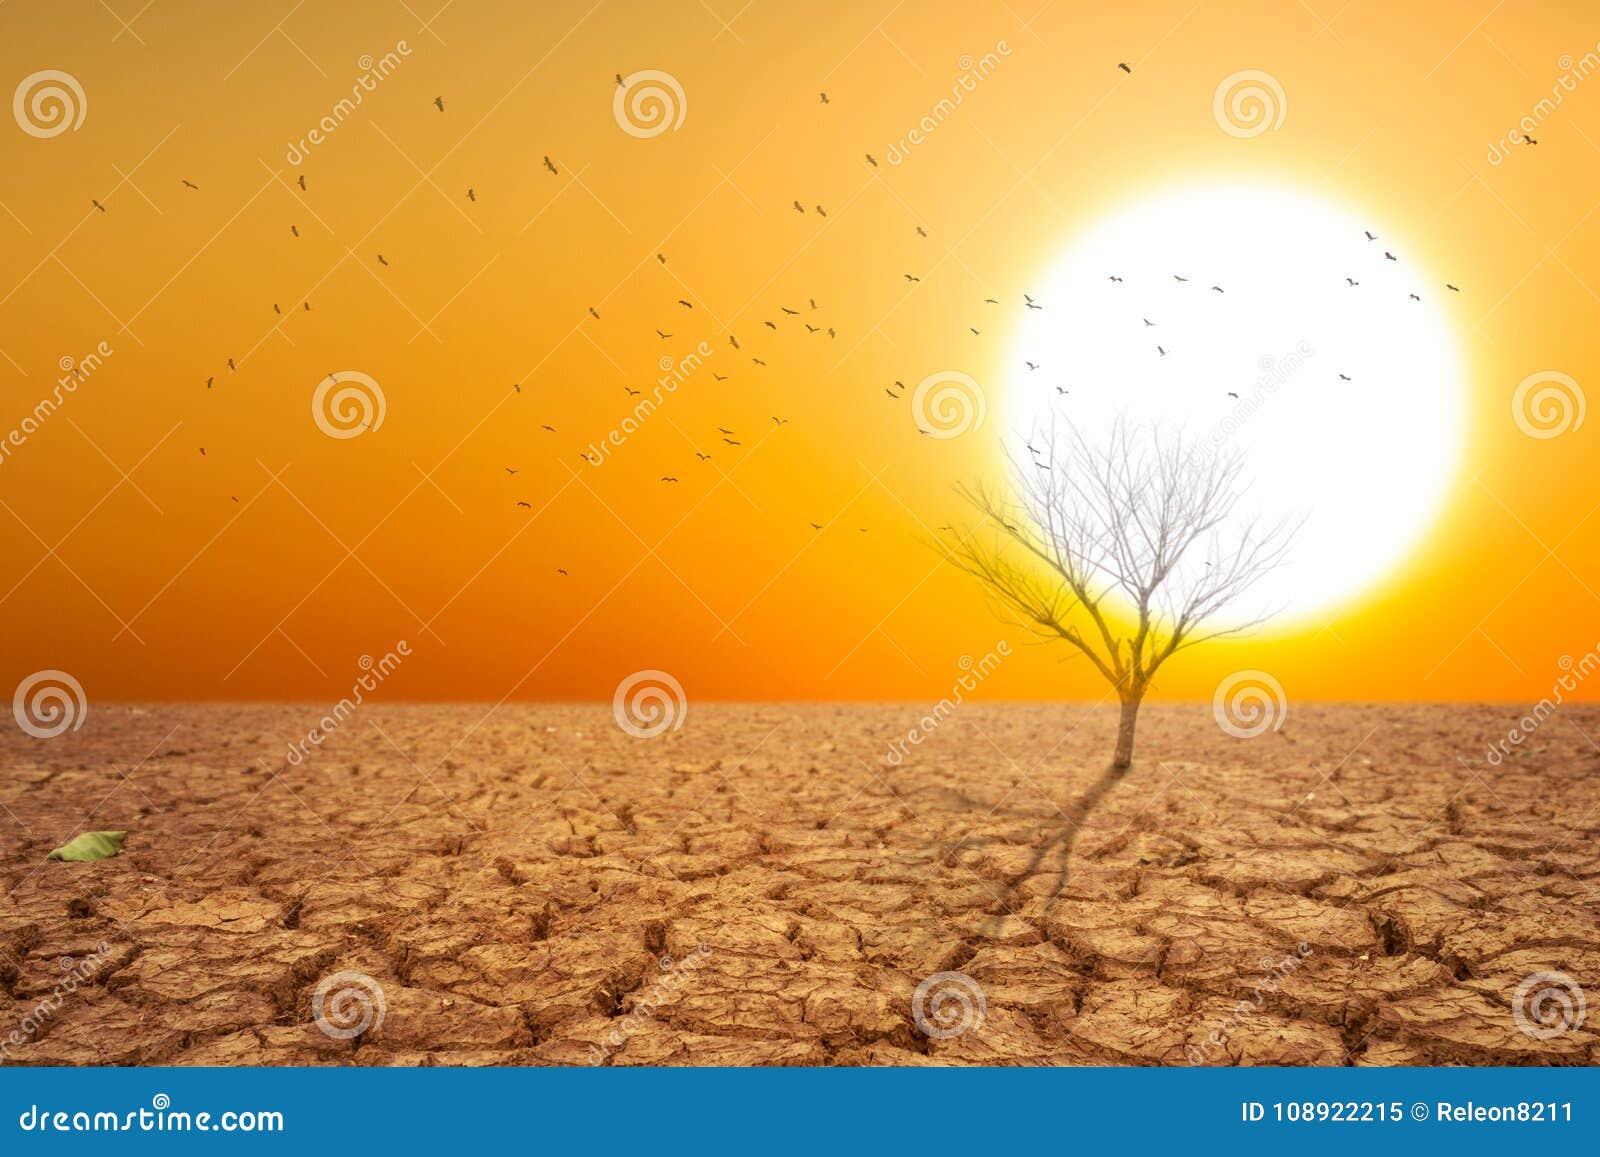 Terra seca e ar seco quente